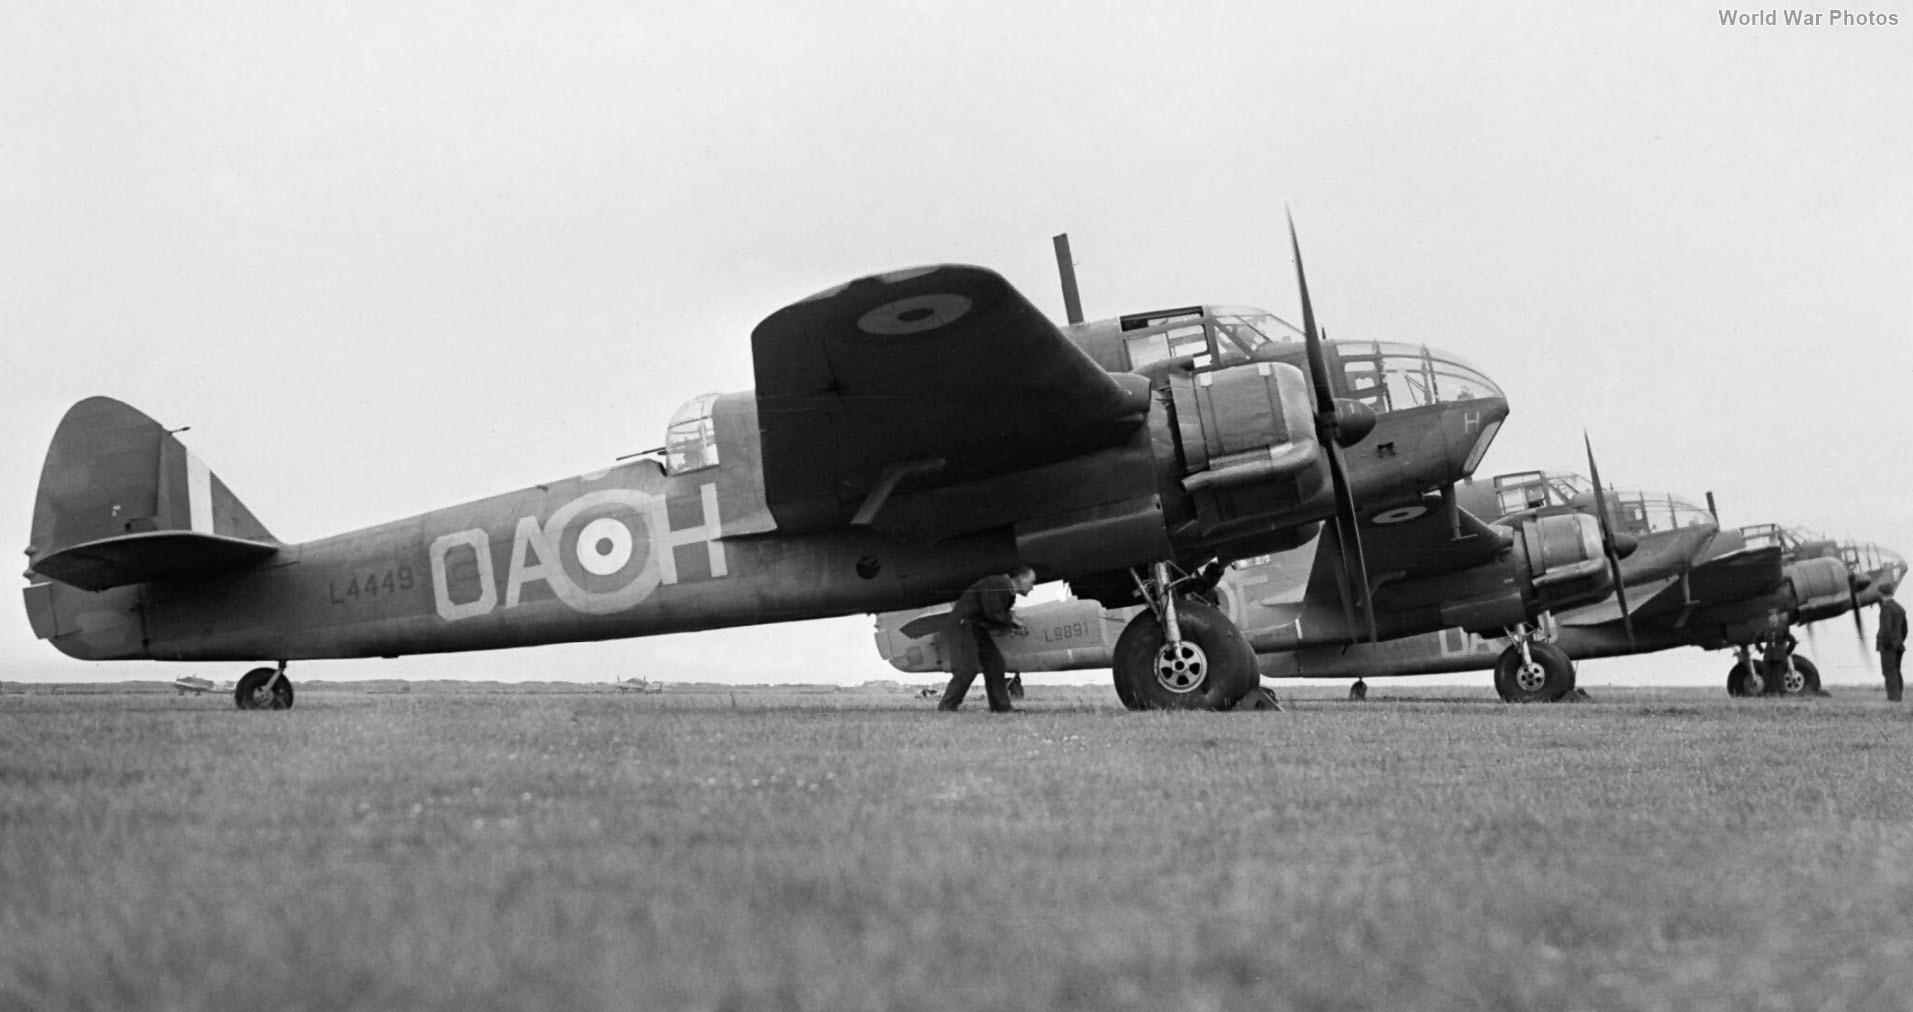 Beauforts L4449 OA-H, L9891 OA-F and L4461 OA-J, of No. 22 Squadron RAF